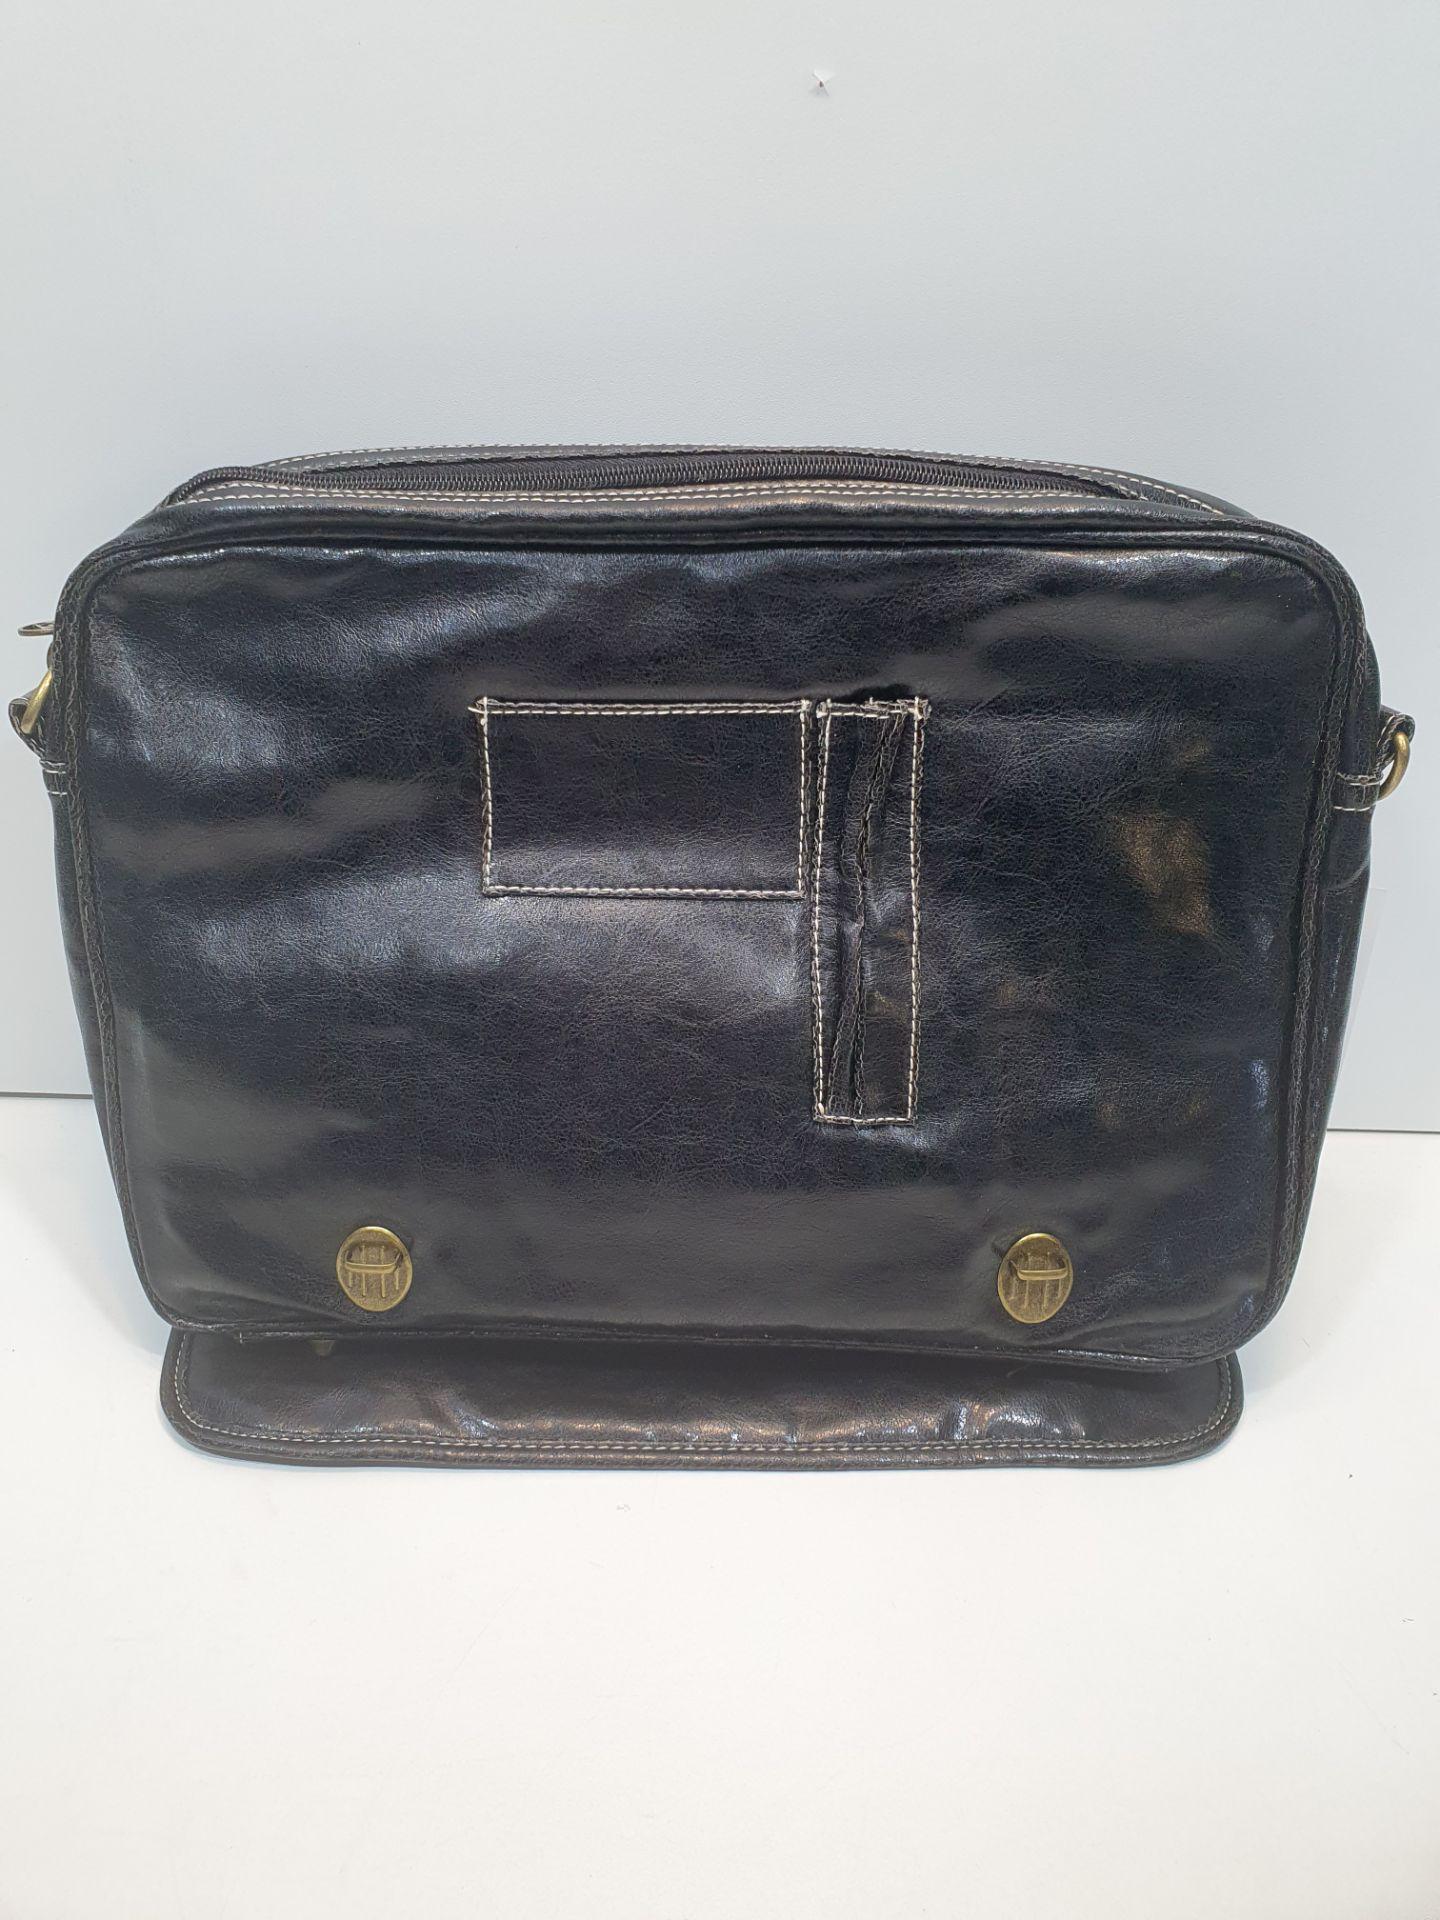 Dunlop Crack PVC Range Bag - Image 3 of 3